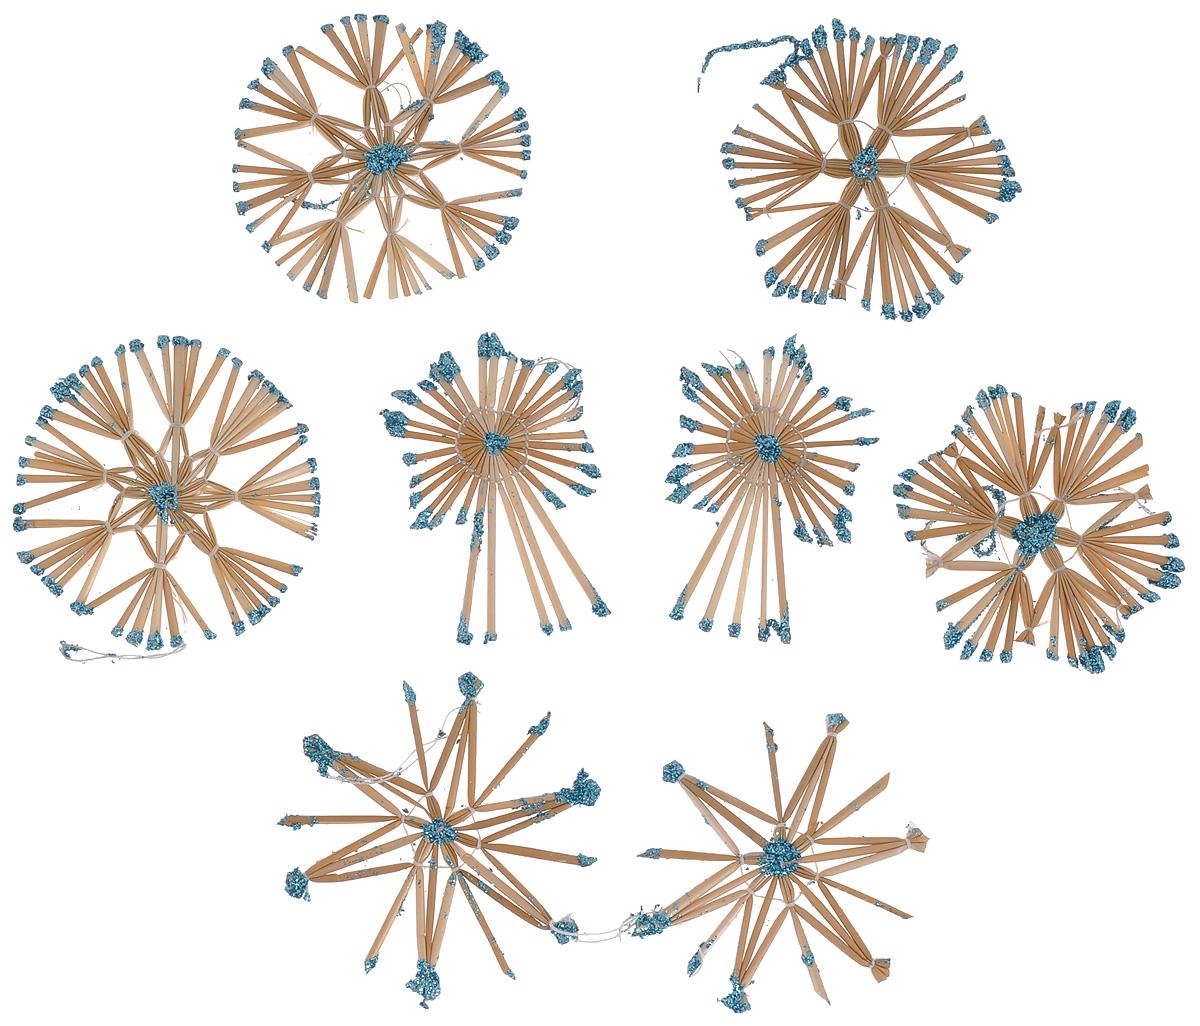 Набор новогодних подвесных украшений Феникс-презент Magic Time, цвет: бирюзовый, светло-коричневый, 8 шт09840-20.000.00Набор Феникс-презент Magic Time, состоящий из 8 новогодних подвесных украшений, отлично подойдет для декорации вашего дома и новогодней ели. Изделиявыполнены из соломы в виде снежинок и звезд, оформленных блестками. Украшения имеют специальные петельки для подвешивания. Коллекция декоративных украшений Феникс-презент Magic Time принесет в ваш дом ни с чем не сравнимое ощущение праздника!Средний размер украшения: 8,5 см х 8,5 см.